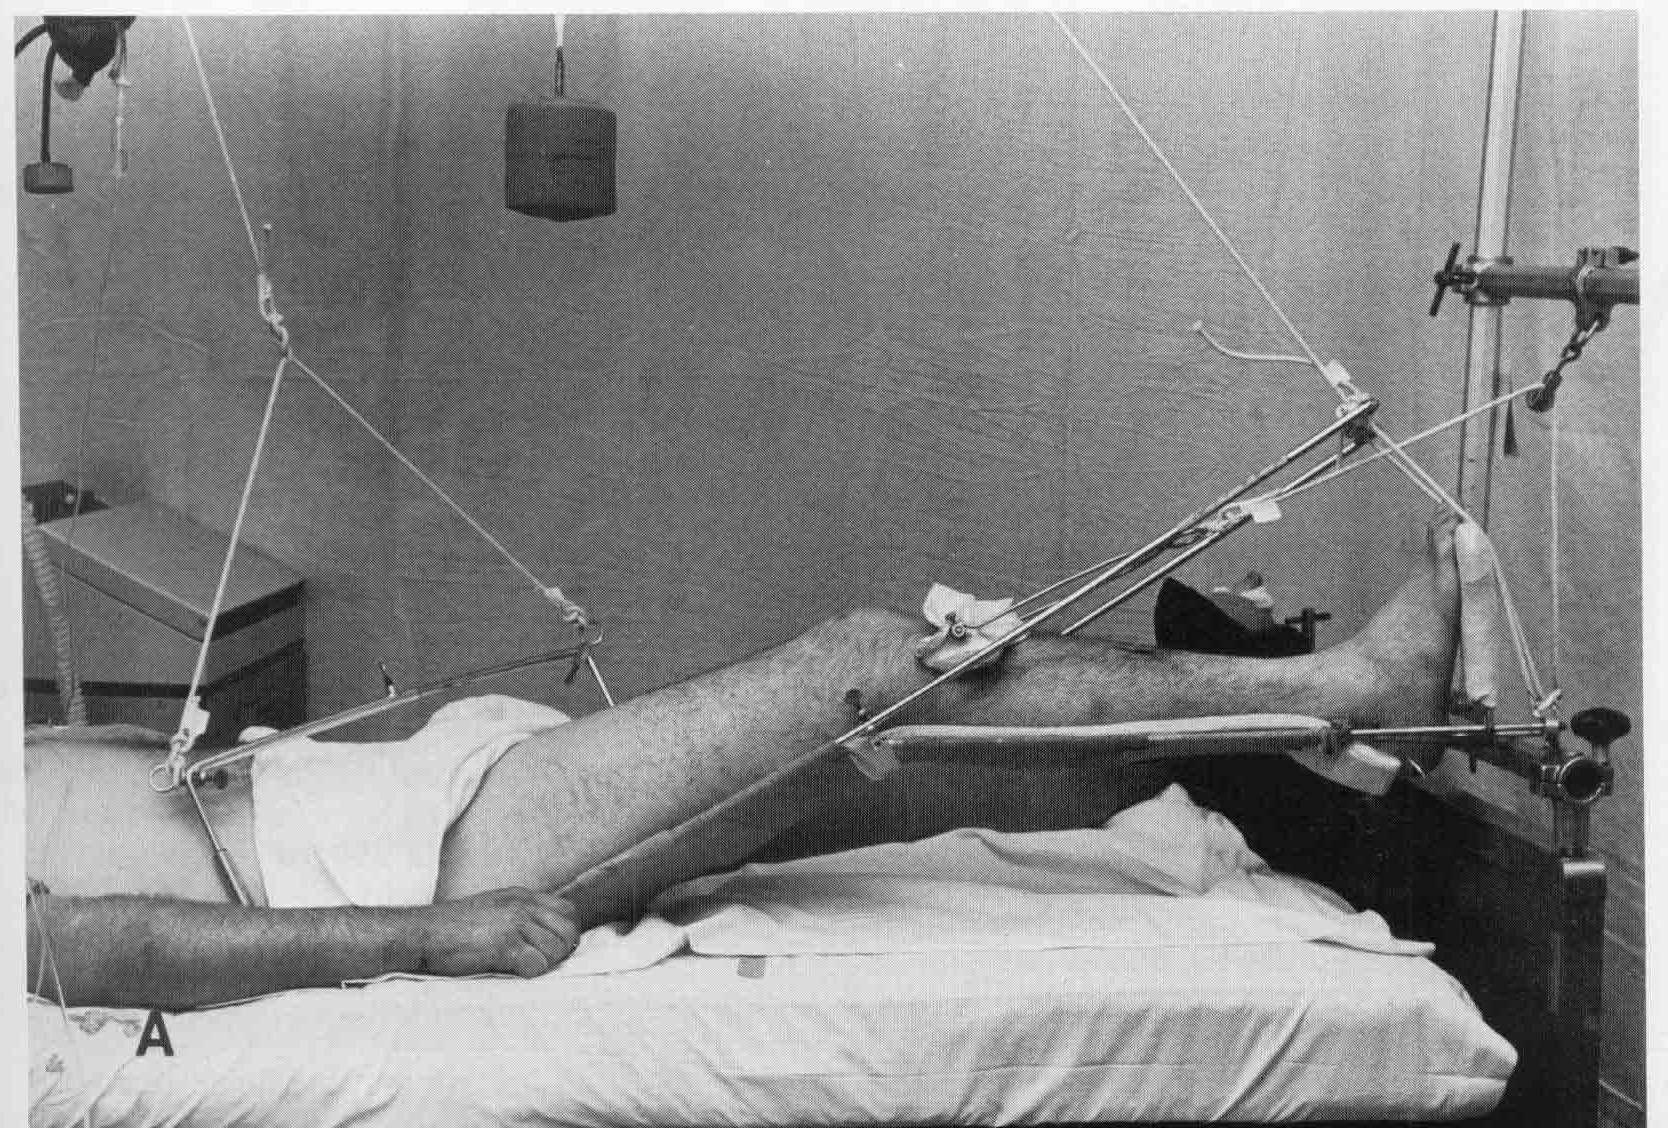 Первая помощь при переломах шейки бедра